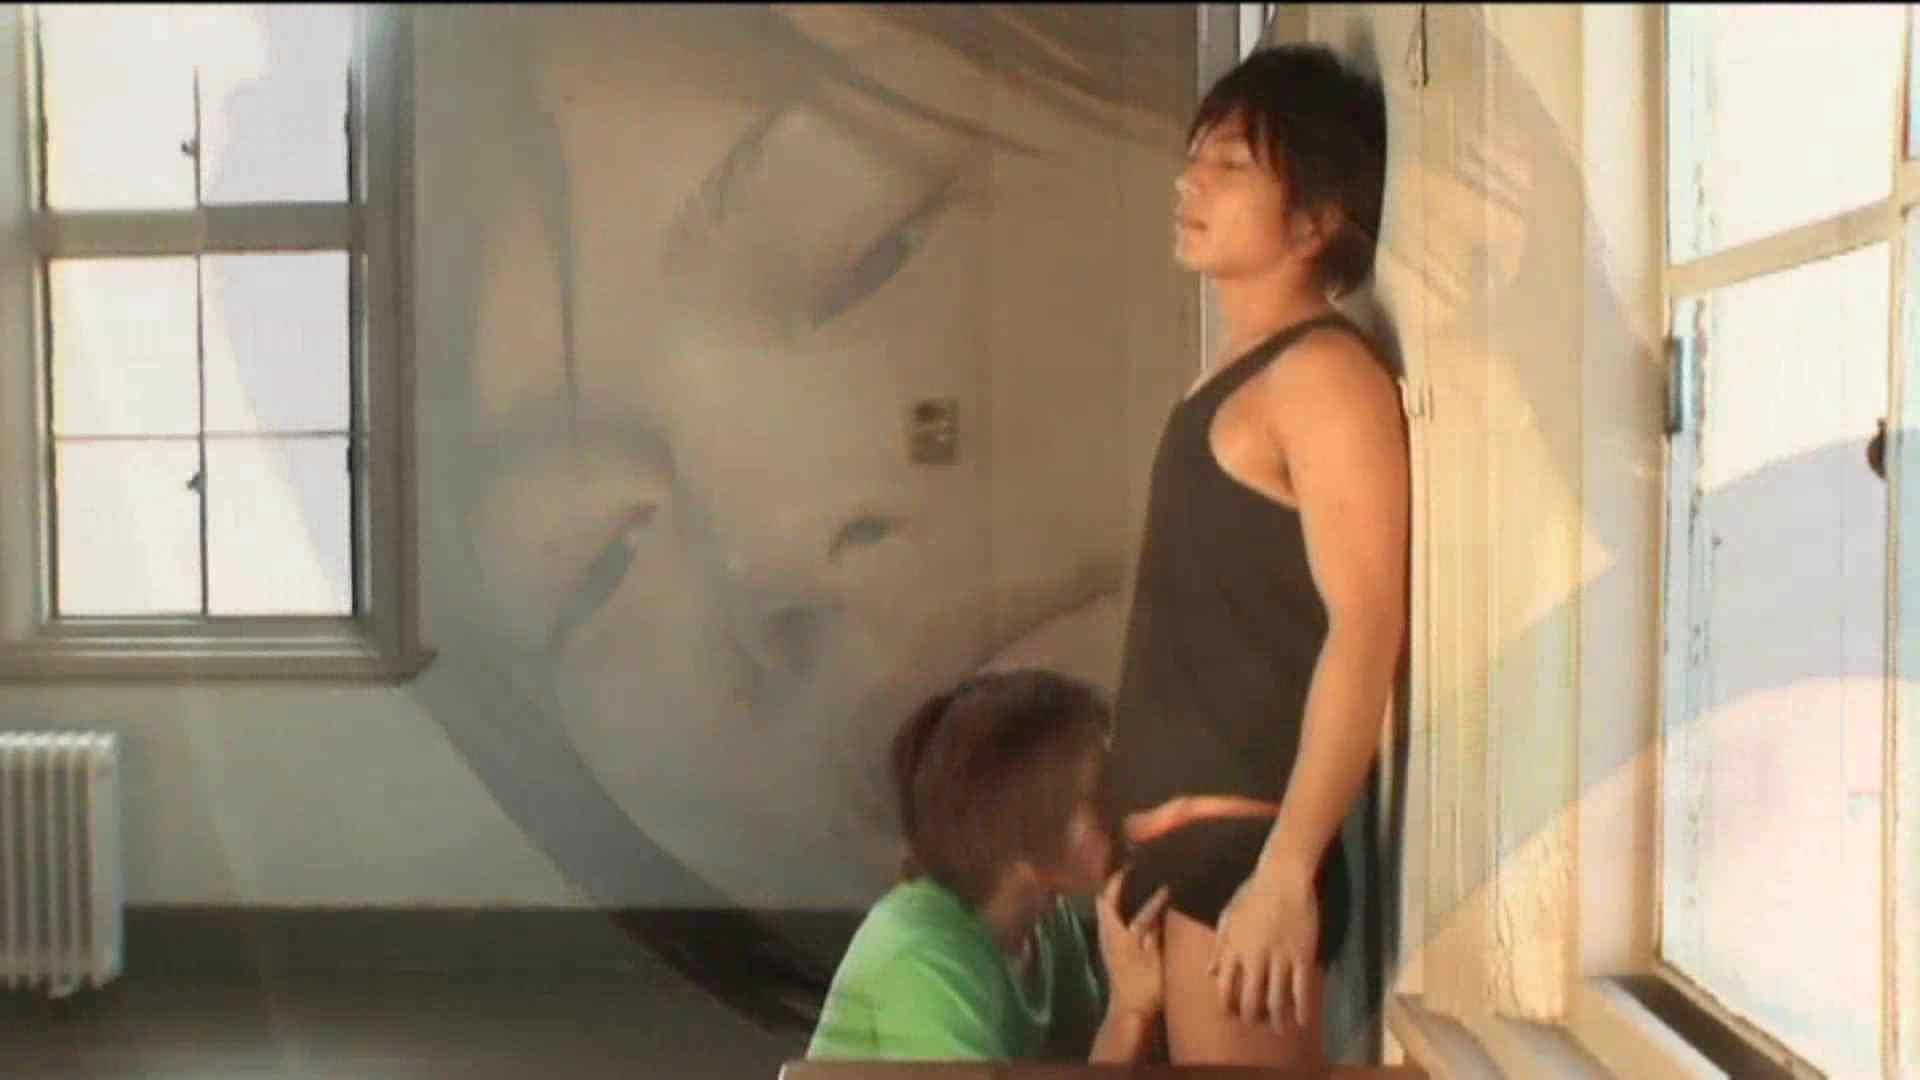 イケメン☆パラダイス〜男ざかりの君たちへ〜vol.37 フェラシーン  83画像 35